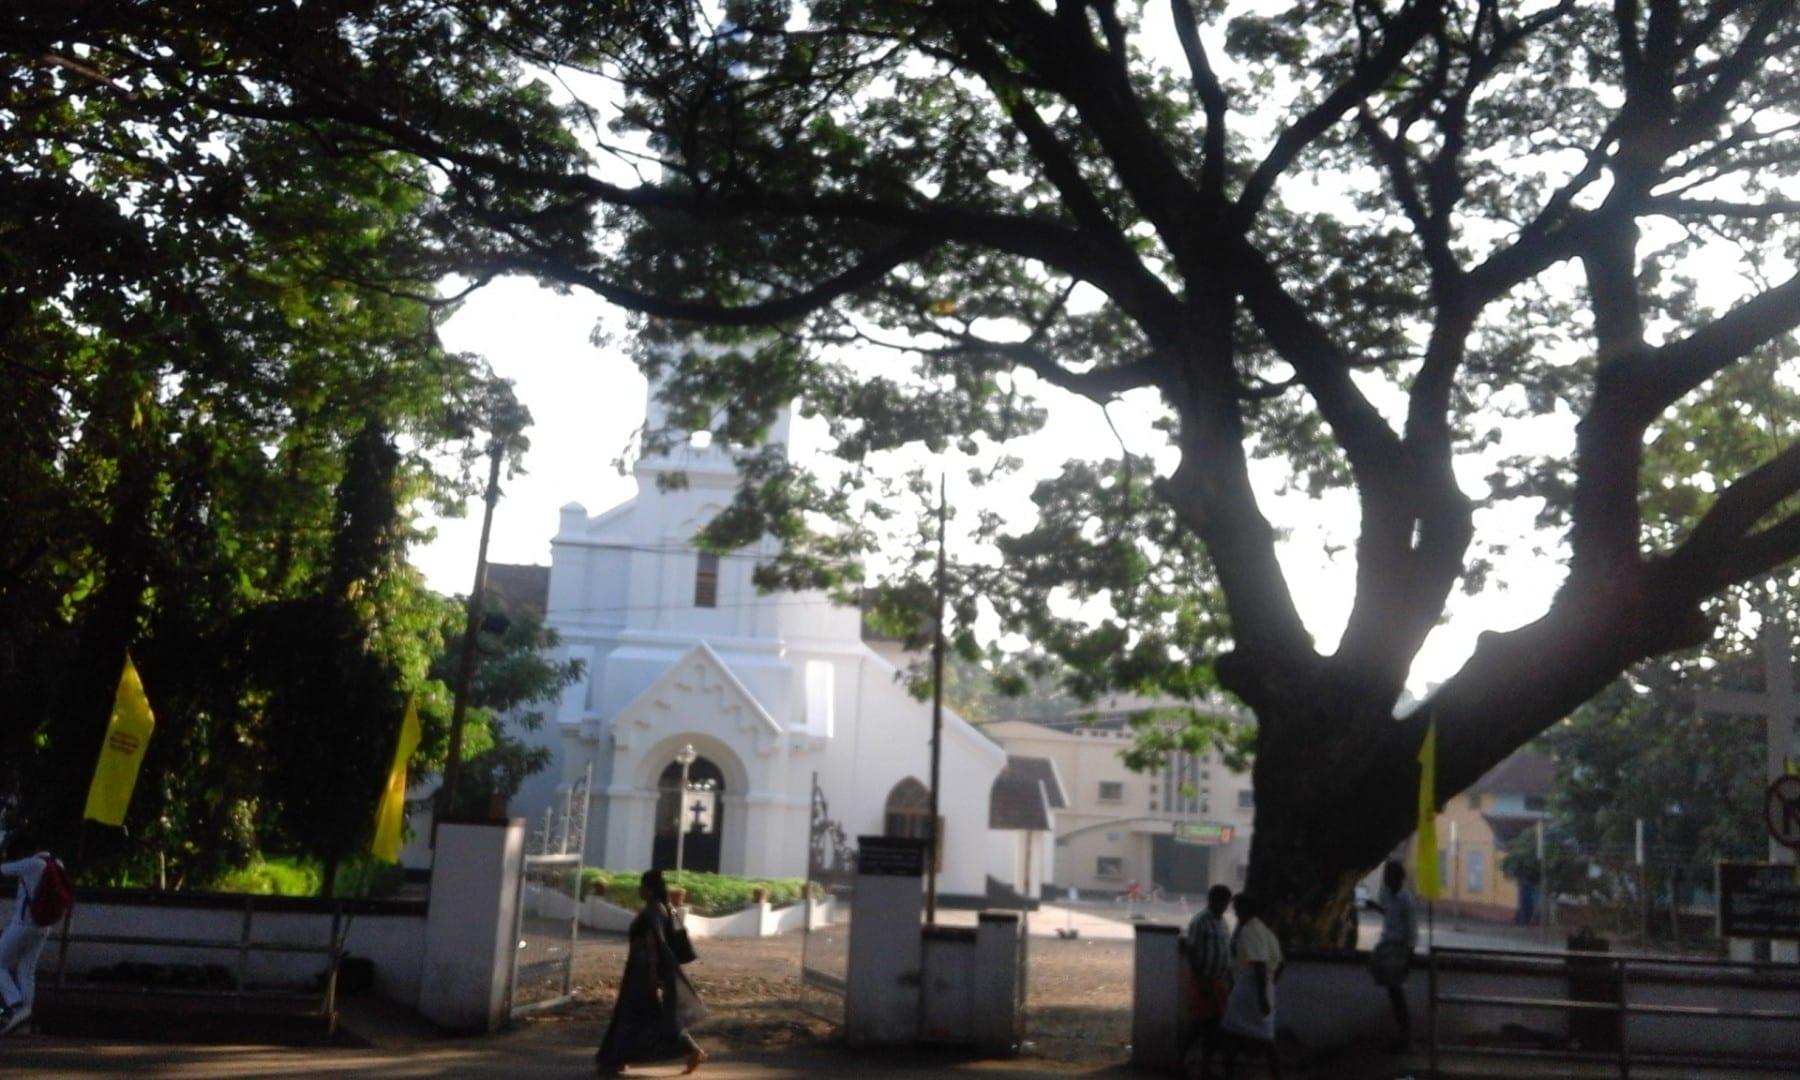 Iglesia cristiana en el estanque de Mananchira, Kozhikode, India. Kozhikode India